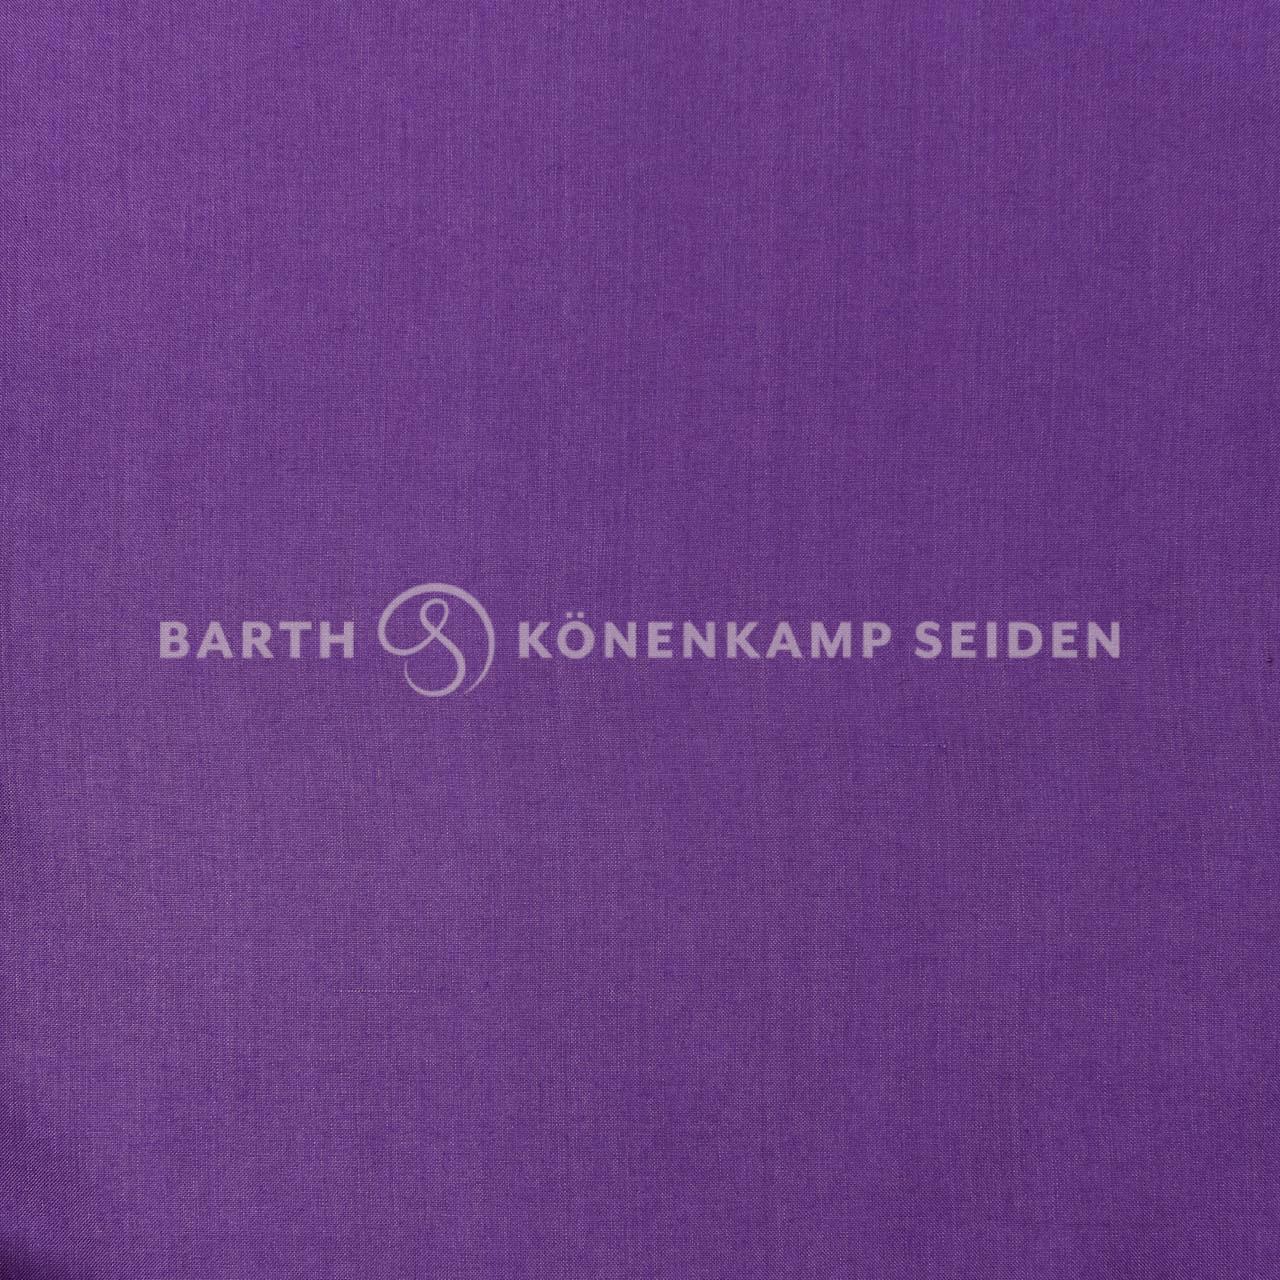 3500-585 / Tussah Modal  gefärbt